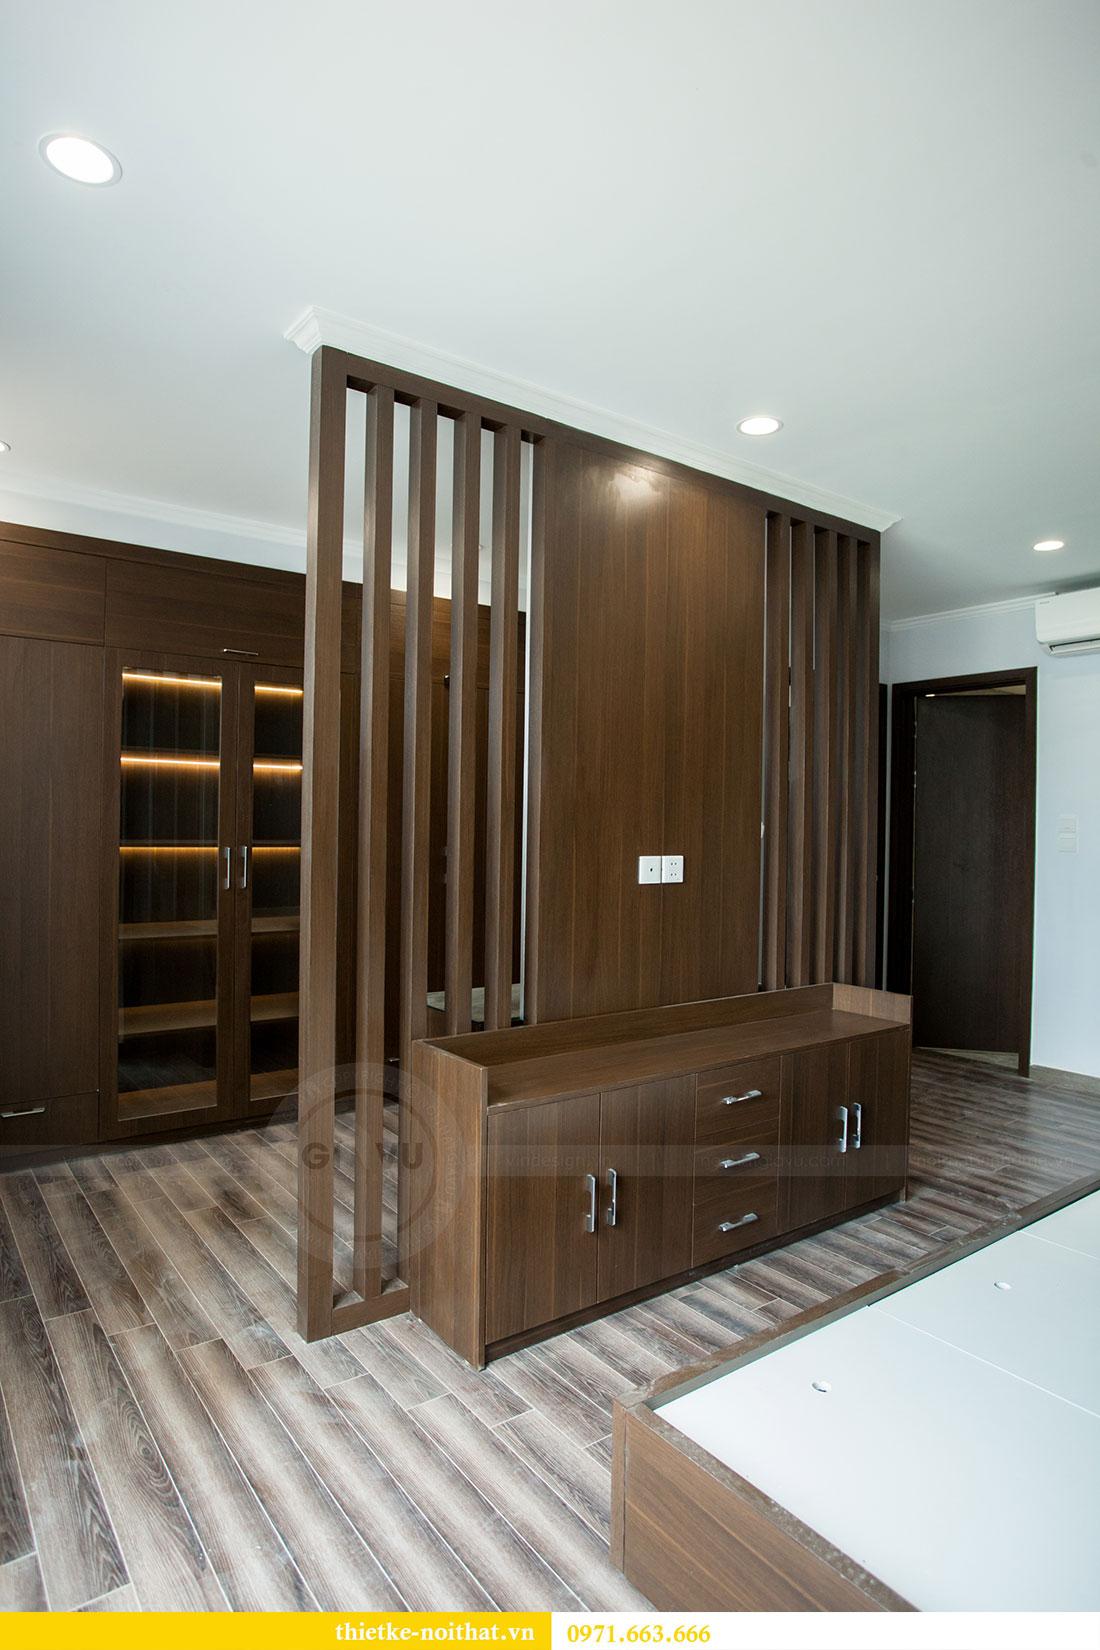 Hoàn thiện nội thất chung cư Seasons Avenue tòa S4 căn 06 chị My 13